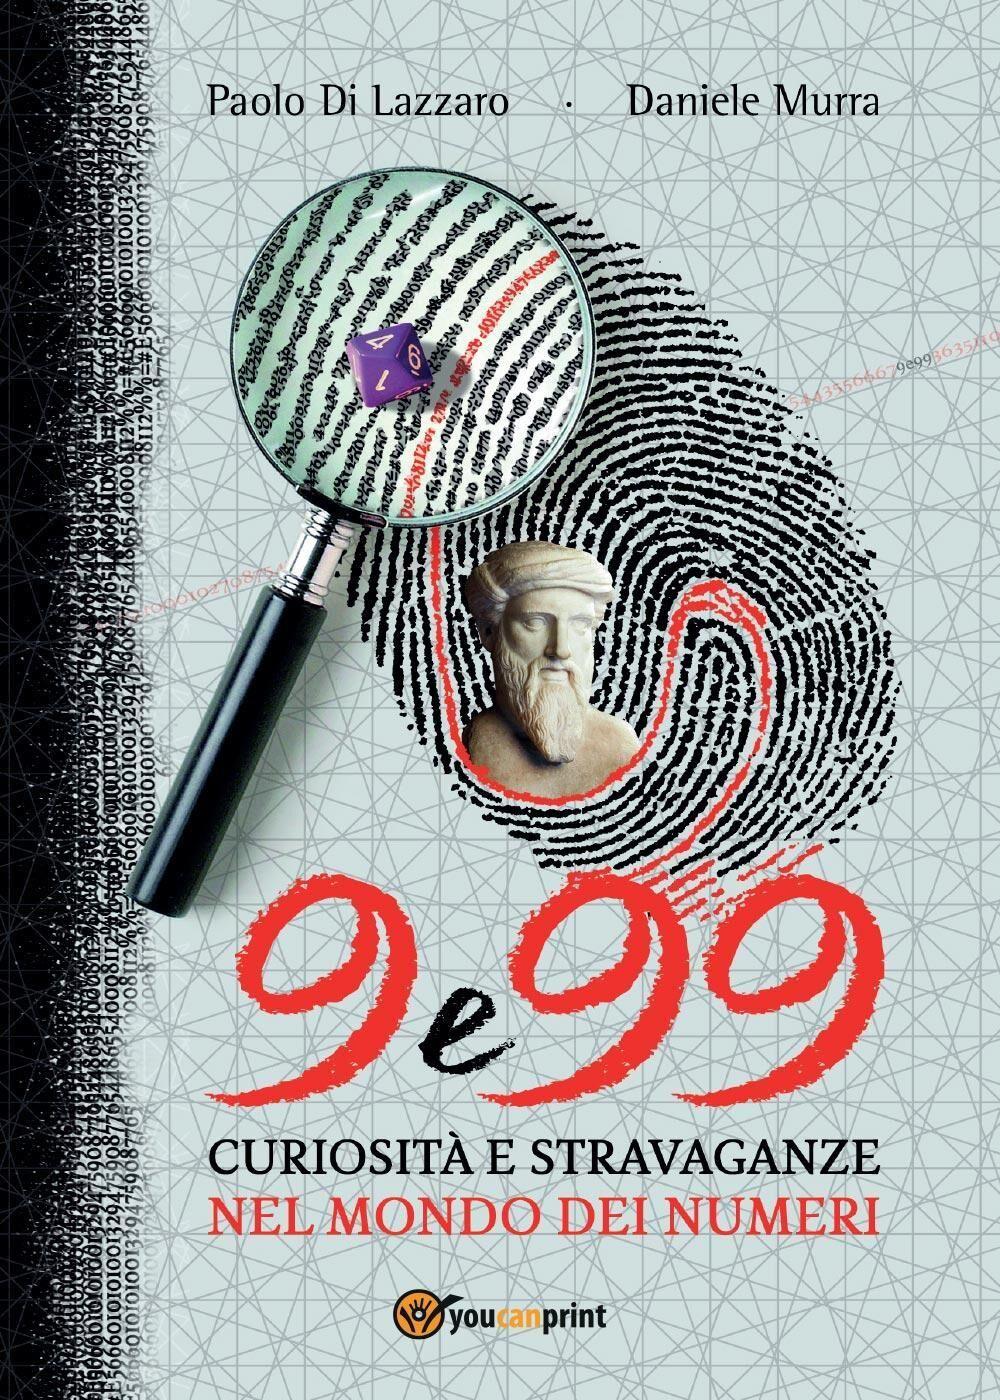 9 e 99. Curiosità e stravaganze nel mondo dei numeri